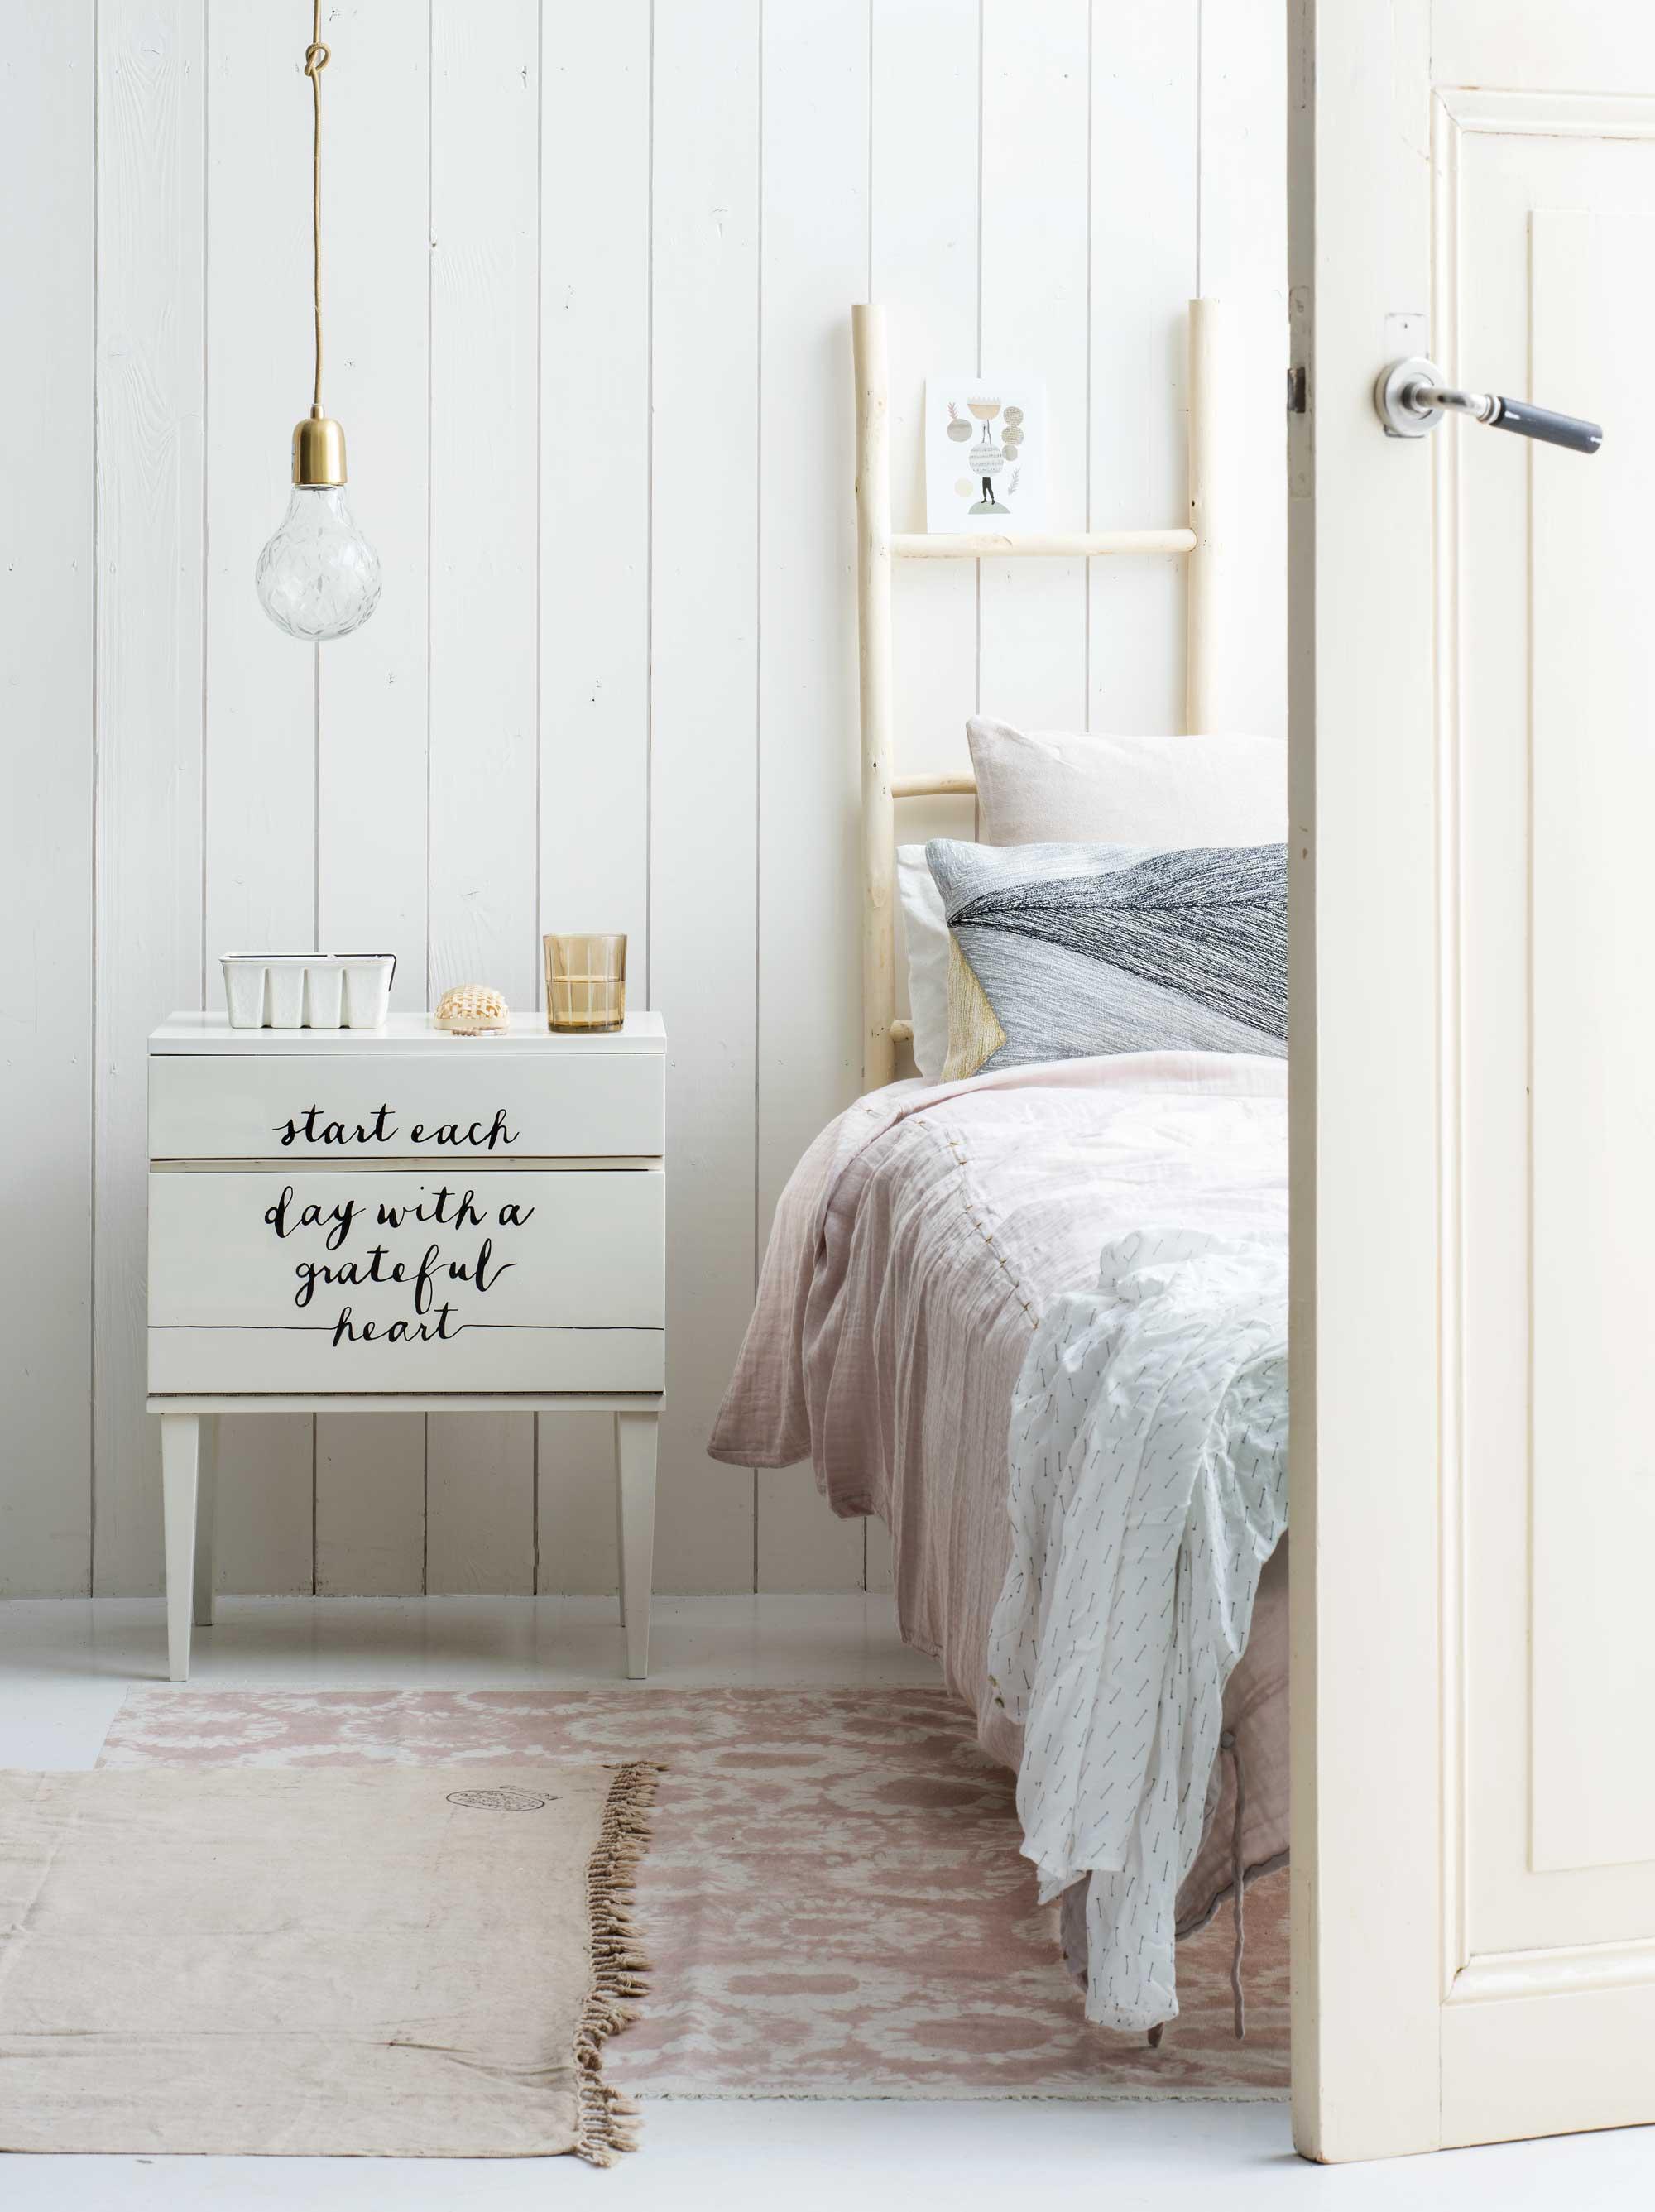 nachtkastje met quotes schrijven